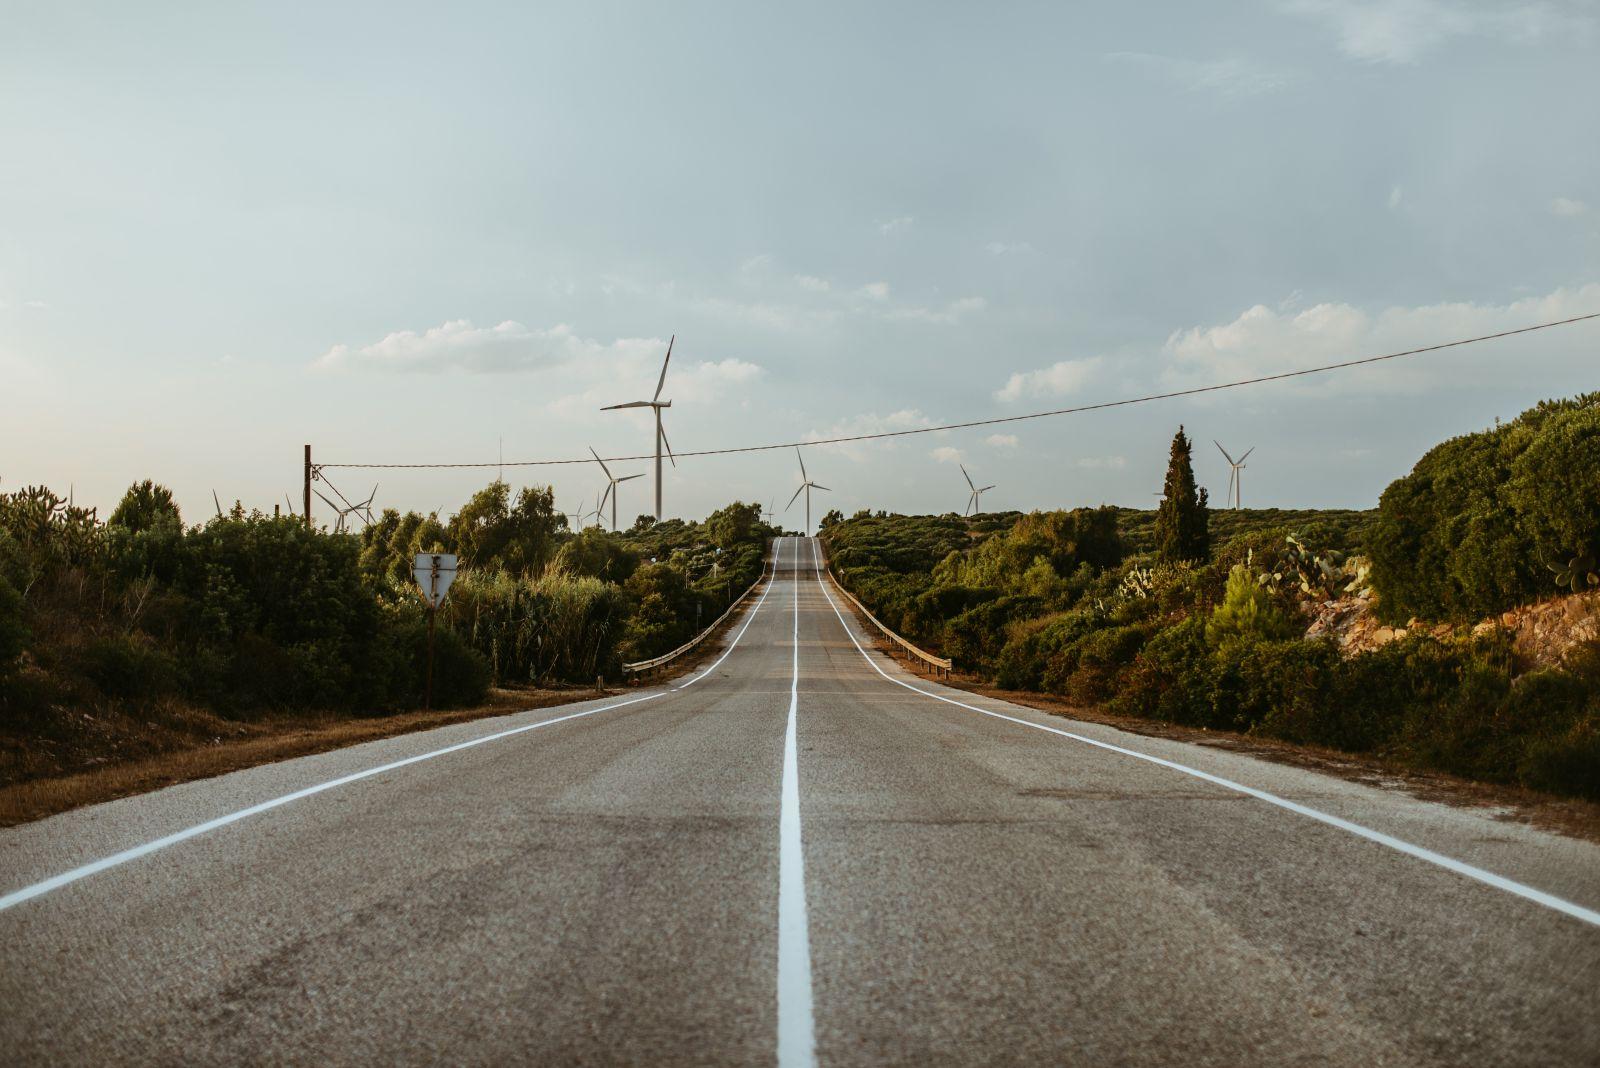 Die Wahren Kosten Eines Kilometers Autofahrt Zukunft Mobilitat